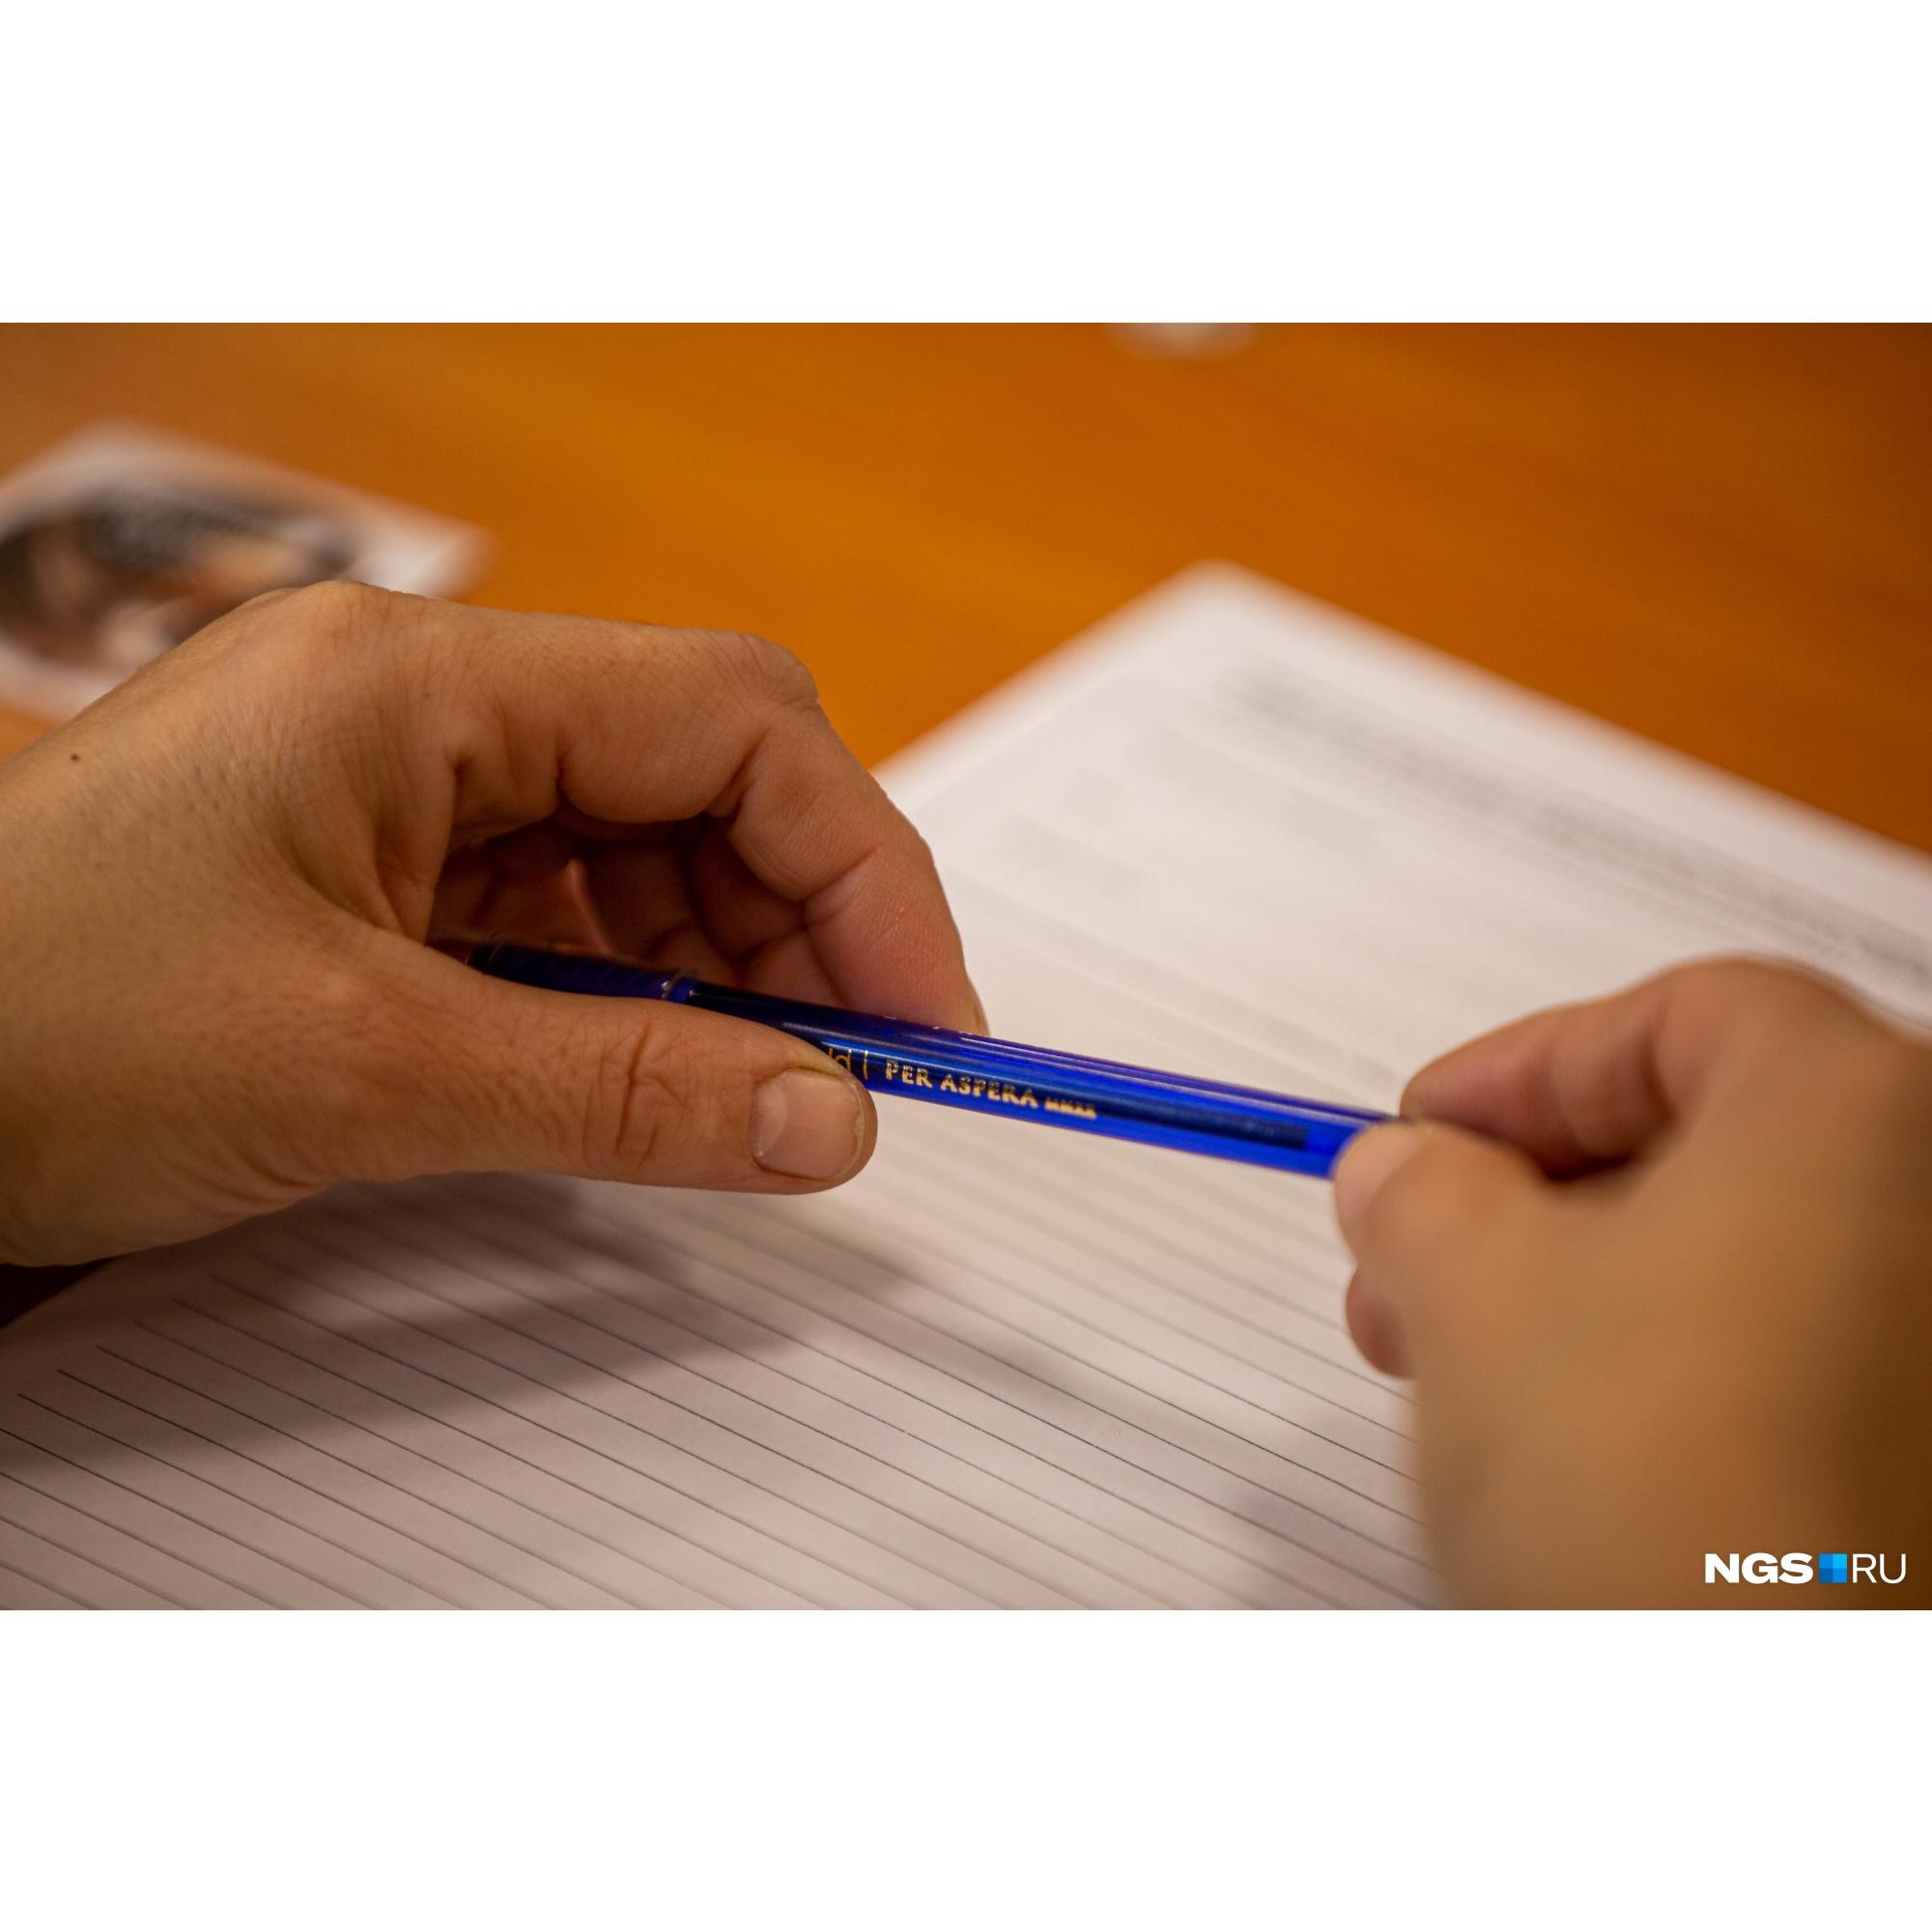 Тем, кто решил написать диктант, выдали ручки, на которых написана первая часть латинской фразы «через тернии — к звездам». У каждой из них свой индивидуальный номер